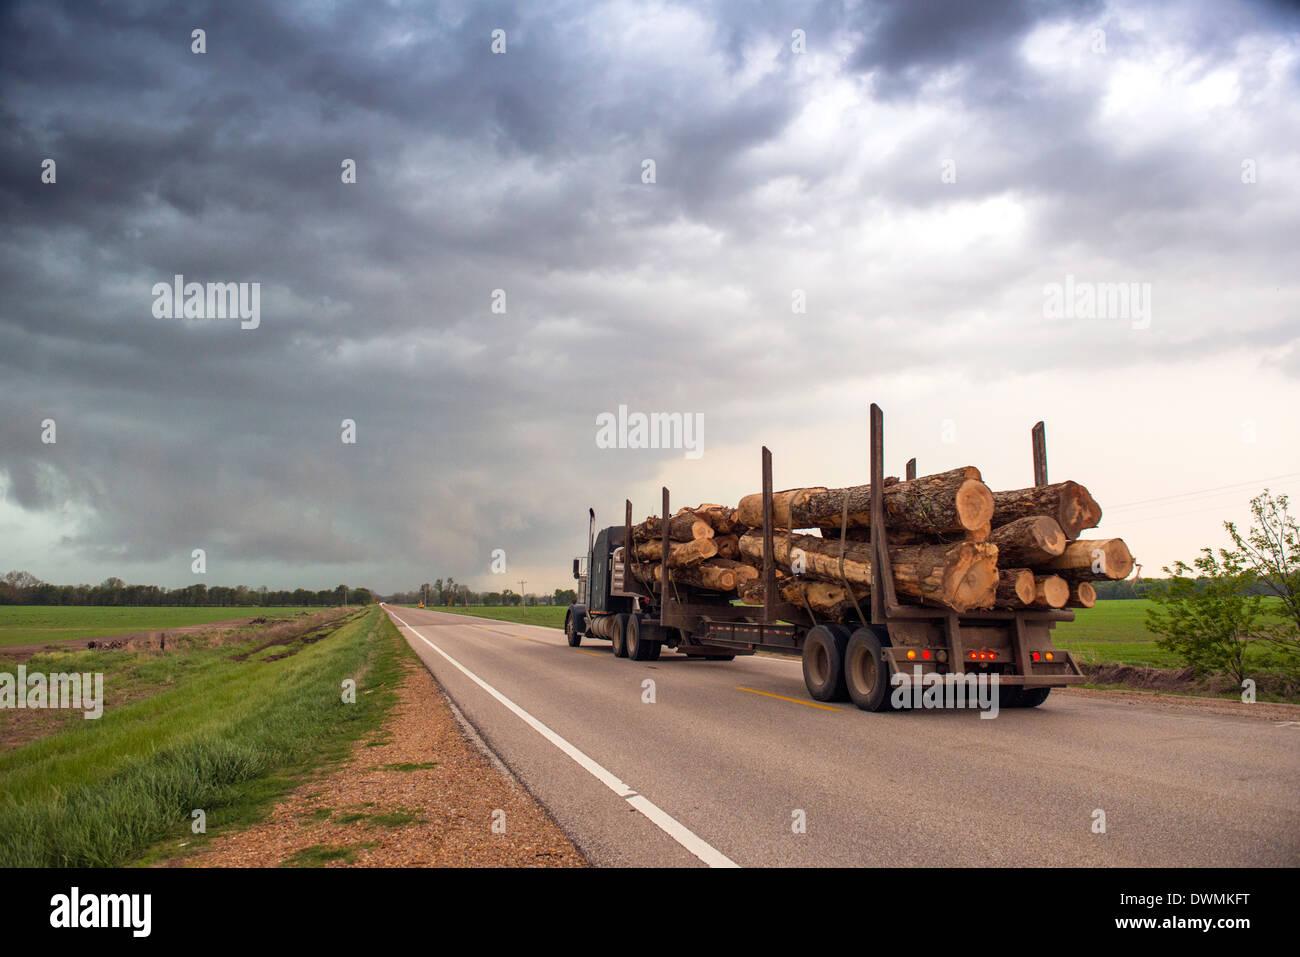 Camión de registro en Mississippi conduciendo en el corazón de una tormenta con una extrema tornado WATCH, Imagen De Stock